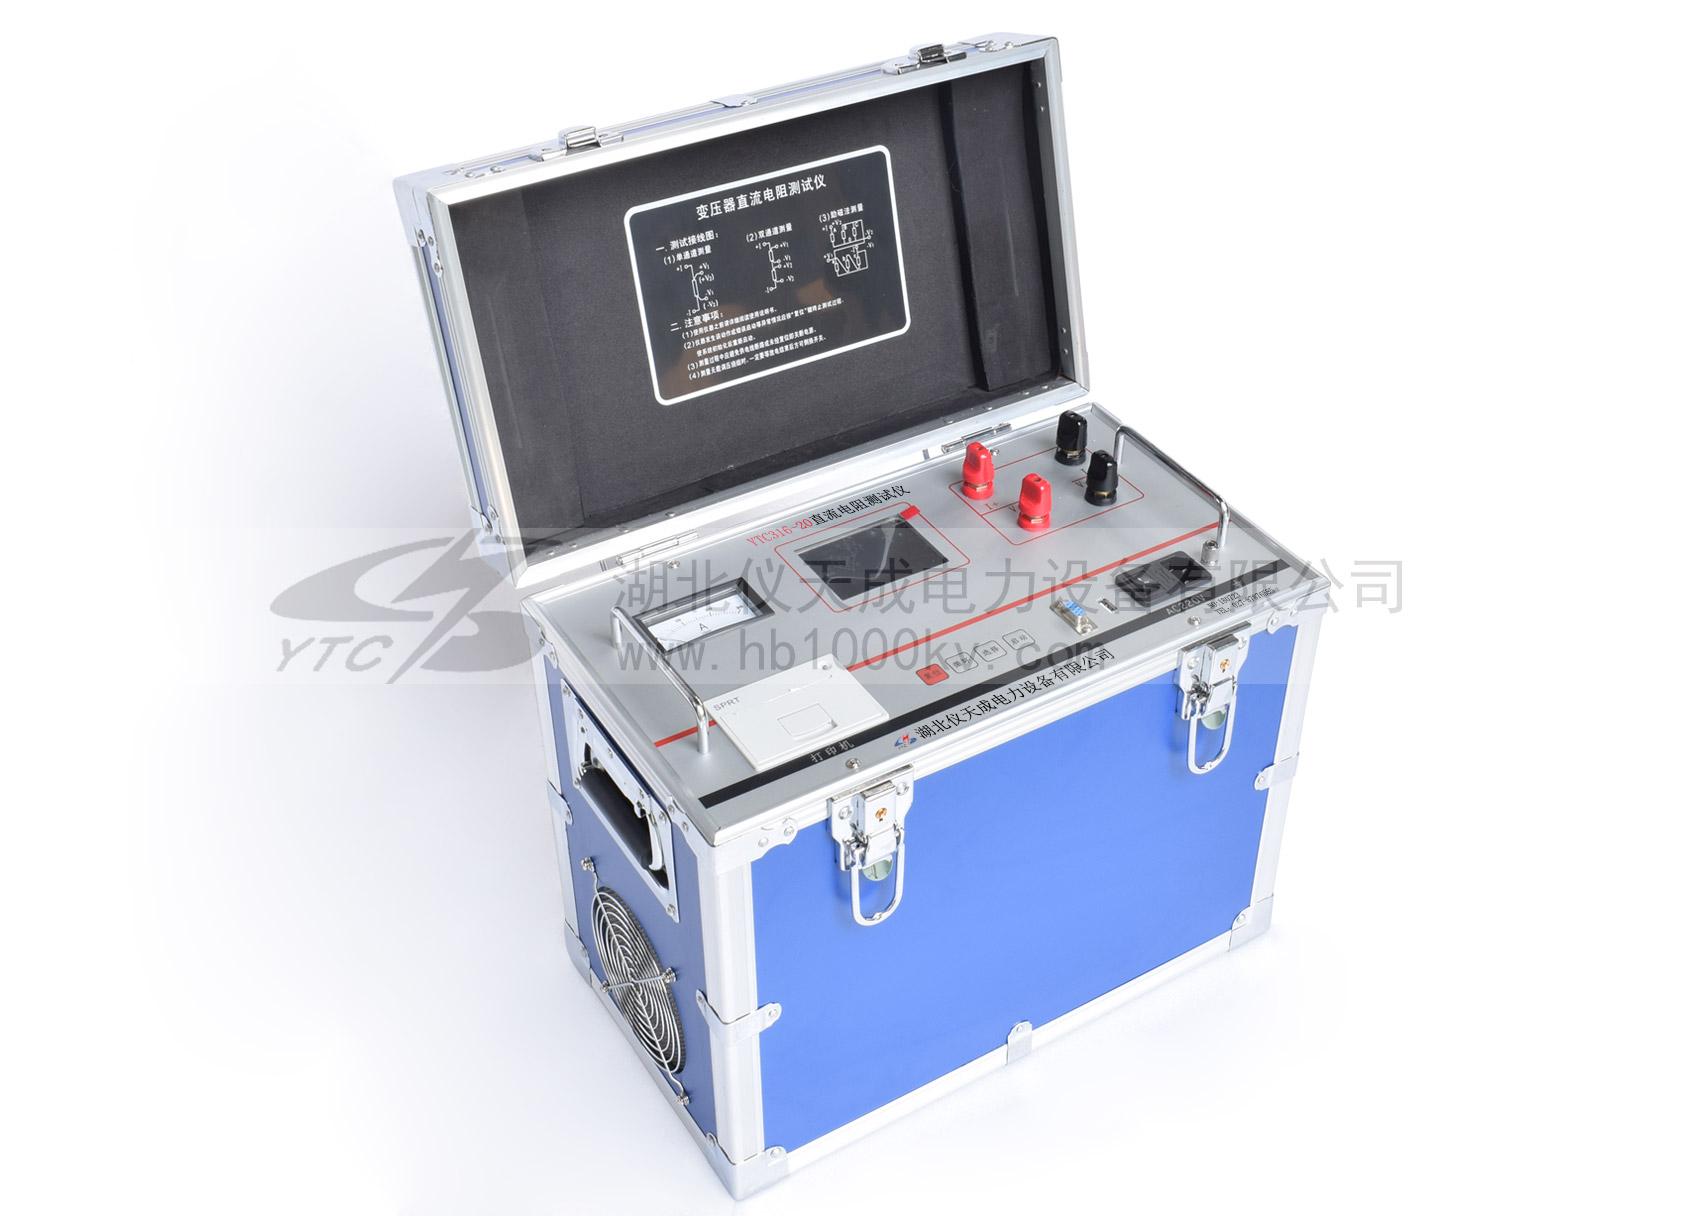 YTC316-20直流電阻測試儀主機